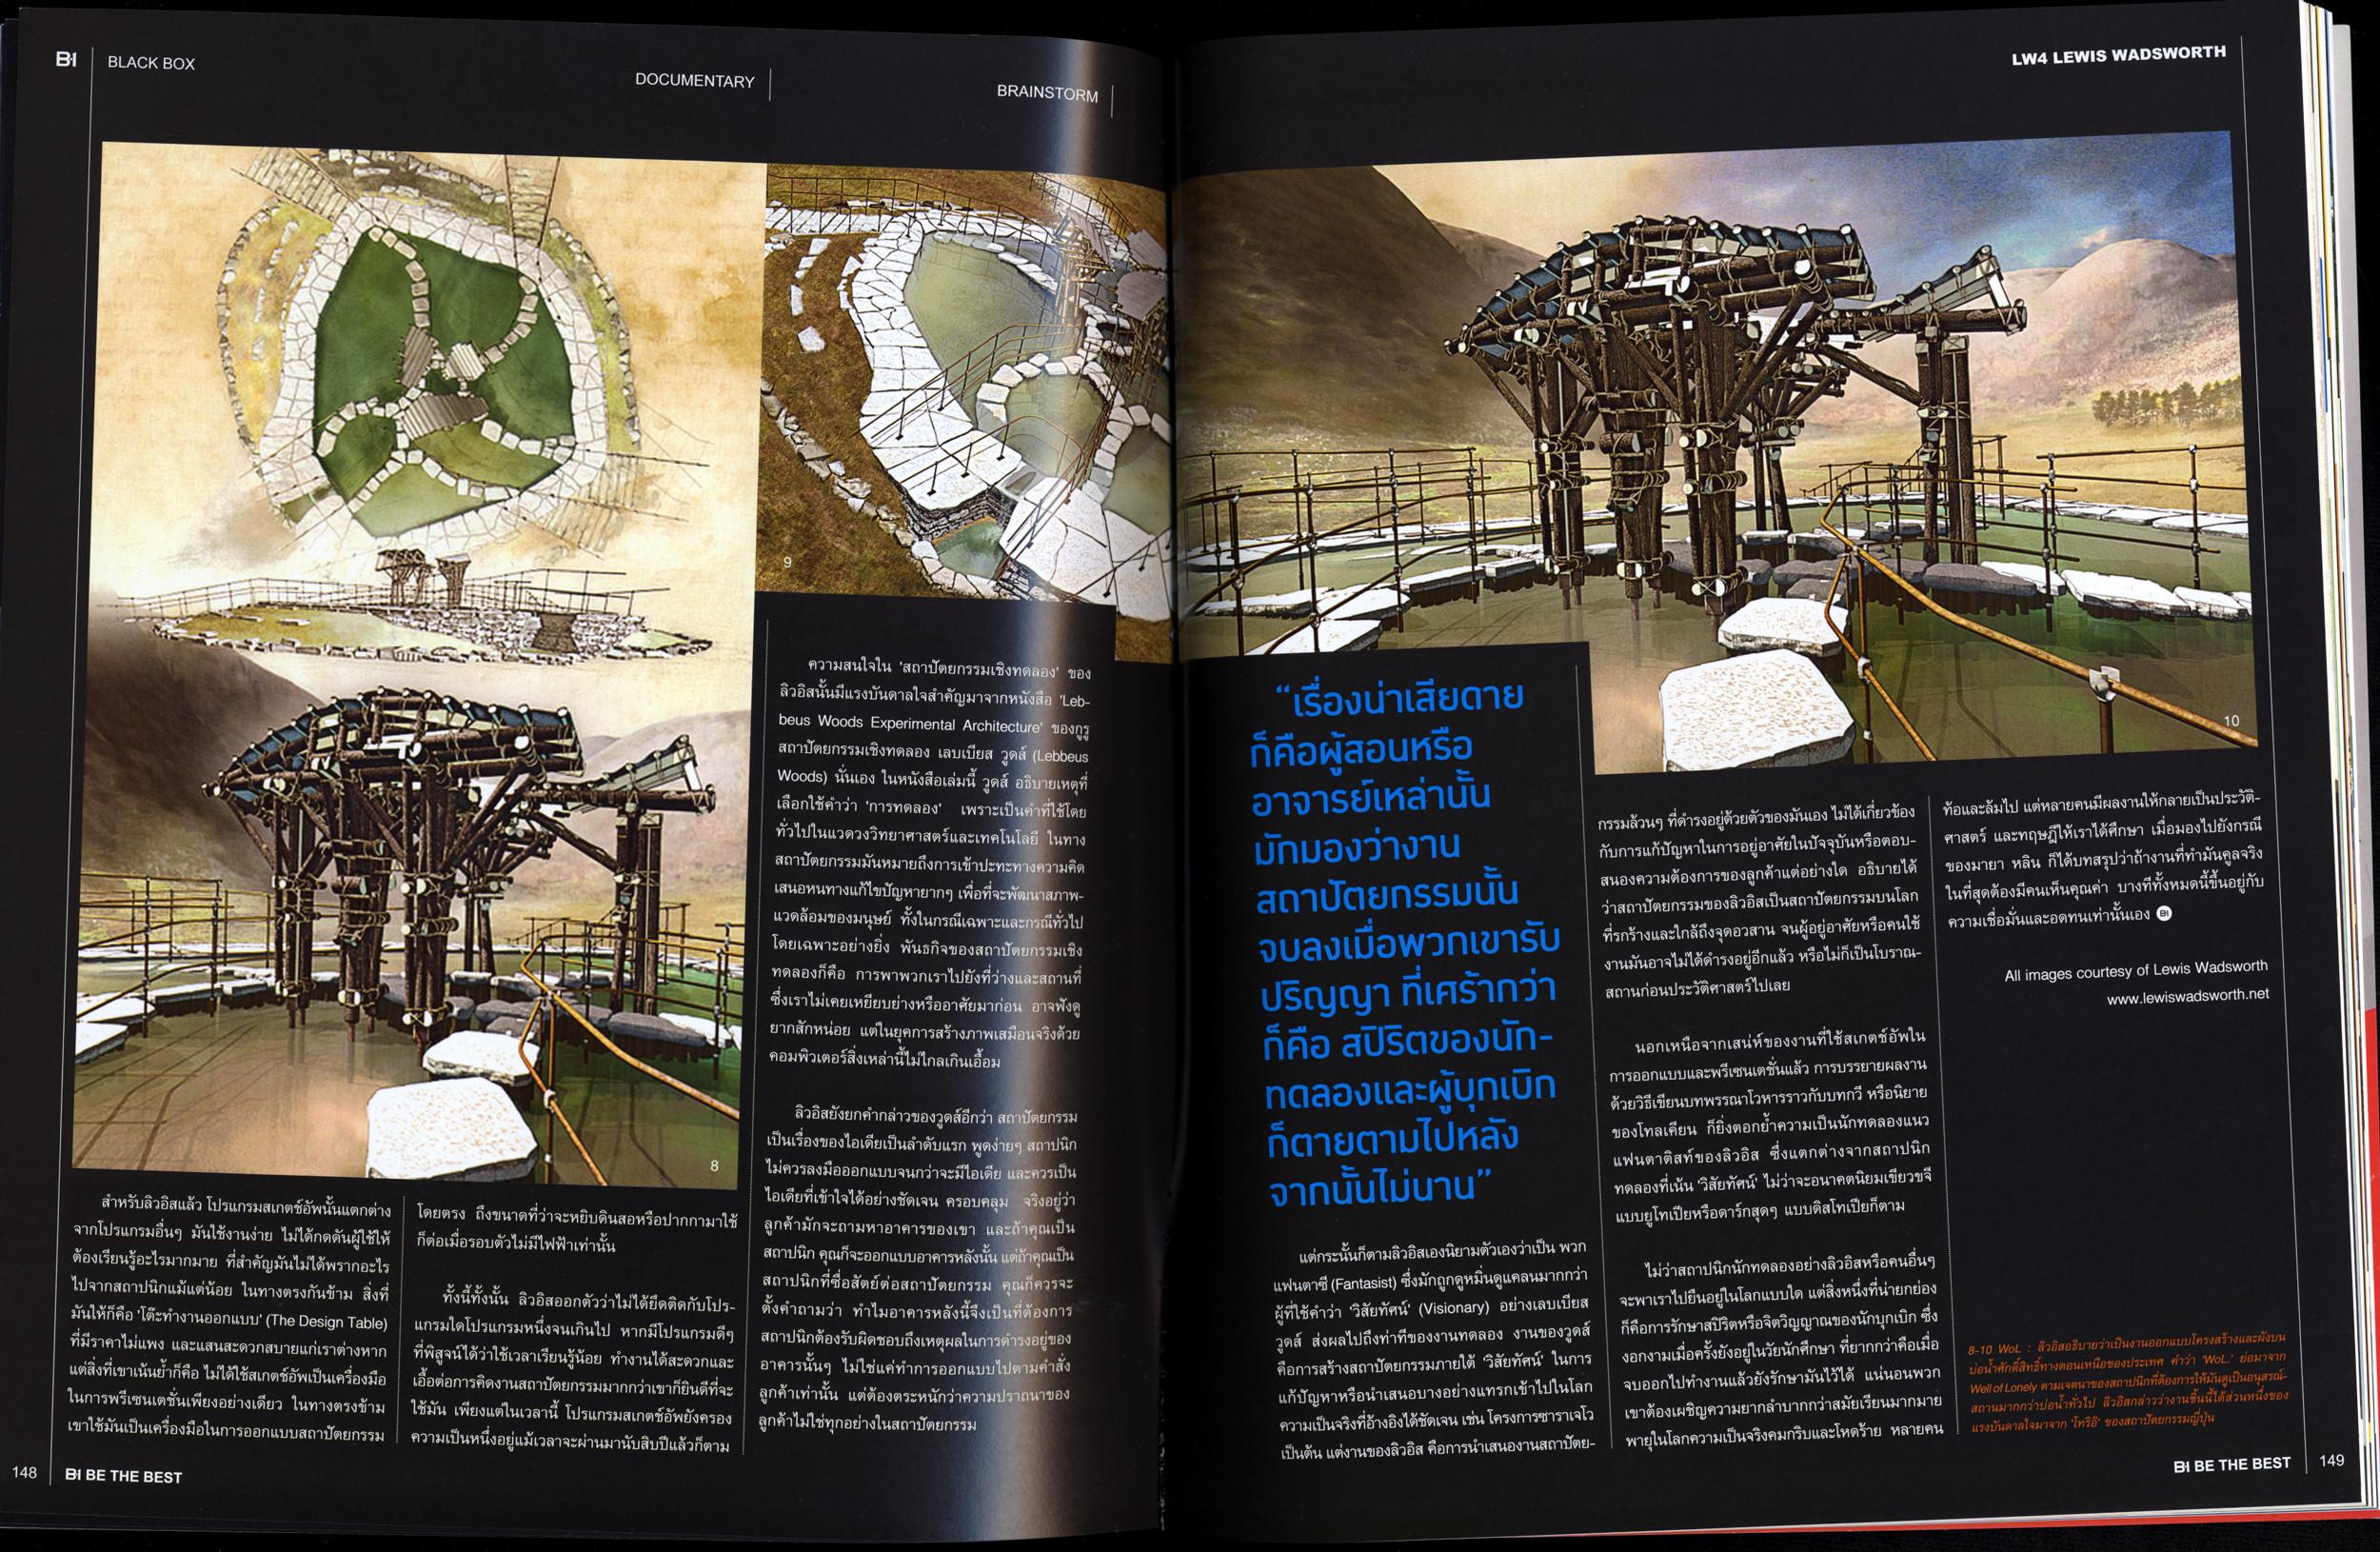 B1 Magazine (April 2012) Pages 148-149